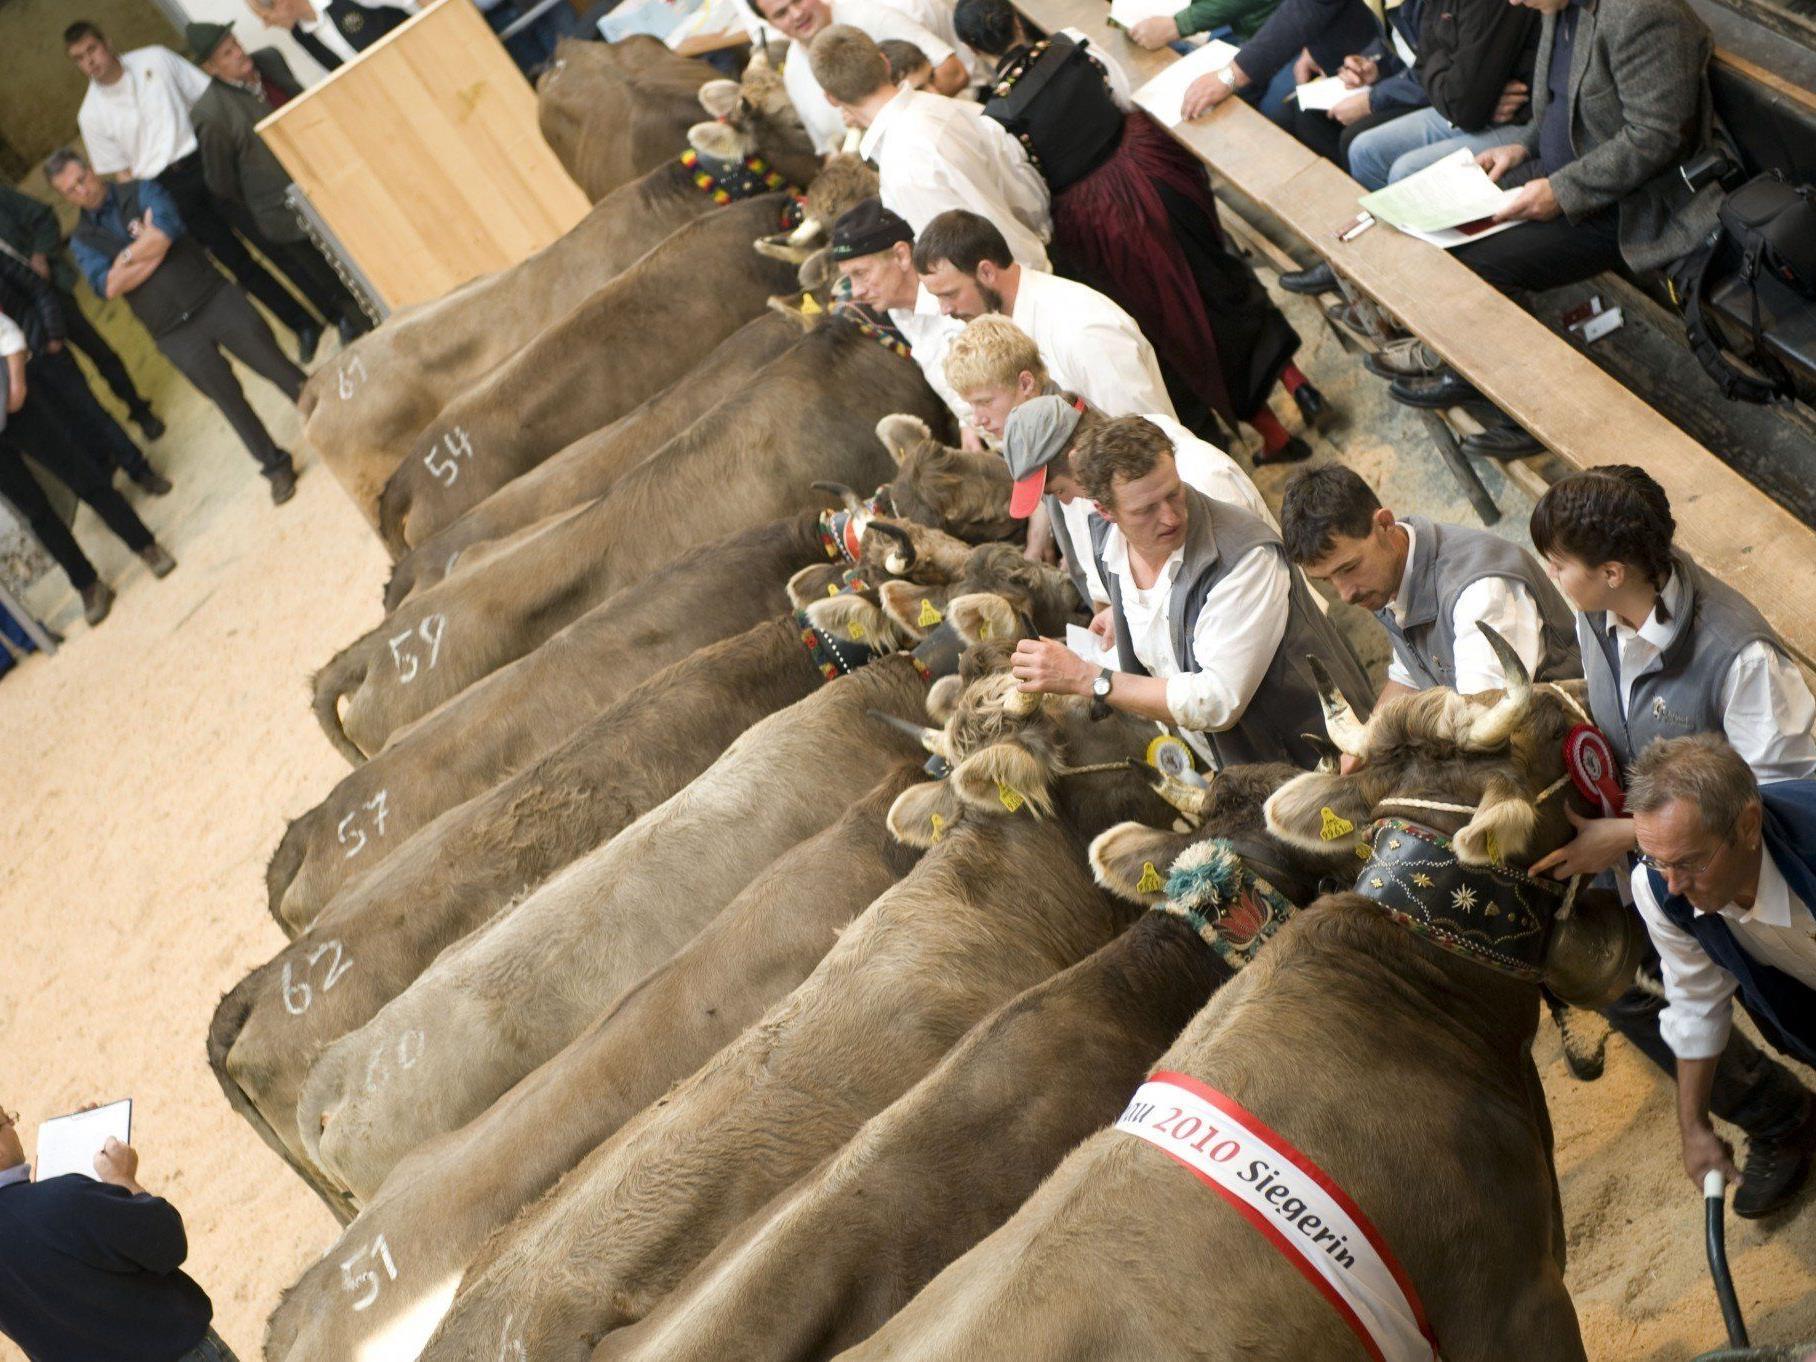 Viehversteigerungen in Dornbirn. Eine offene Rechnung sorgt für Unruhe hinter den Kulissen.